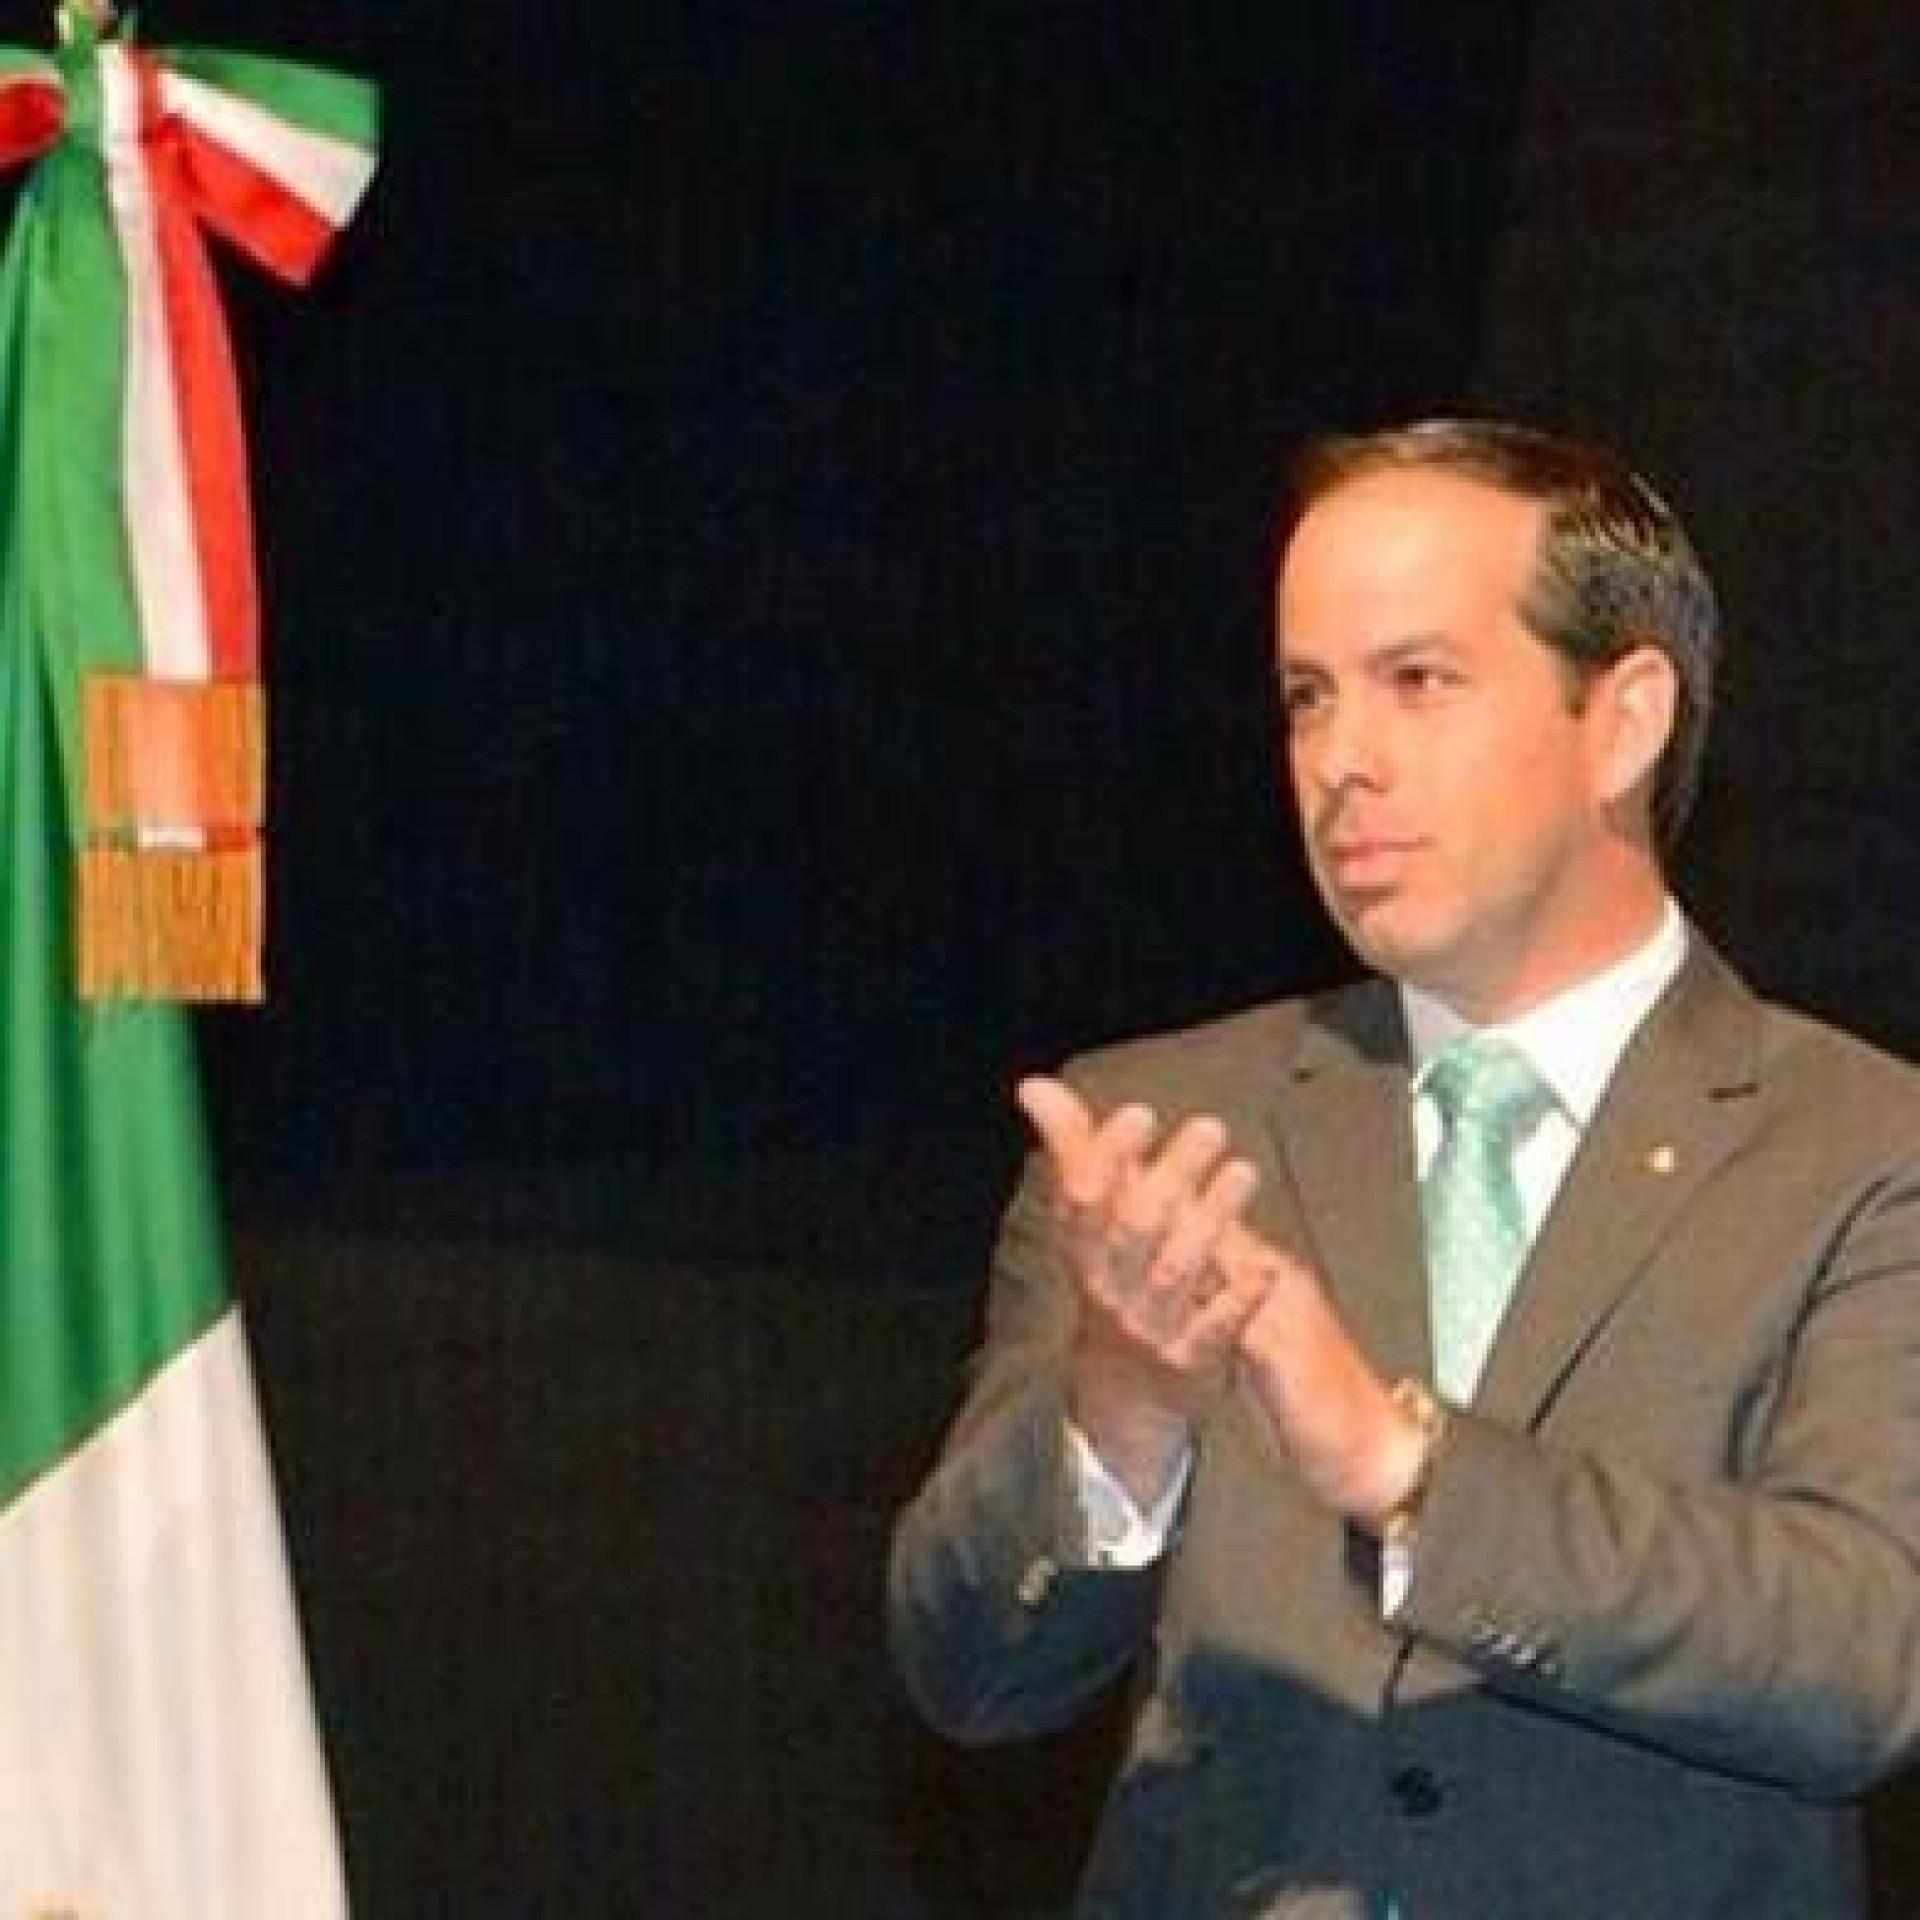 Político mexicano morto quando tirava selfie com apoiante